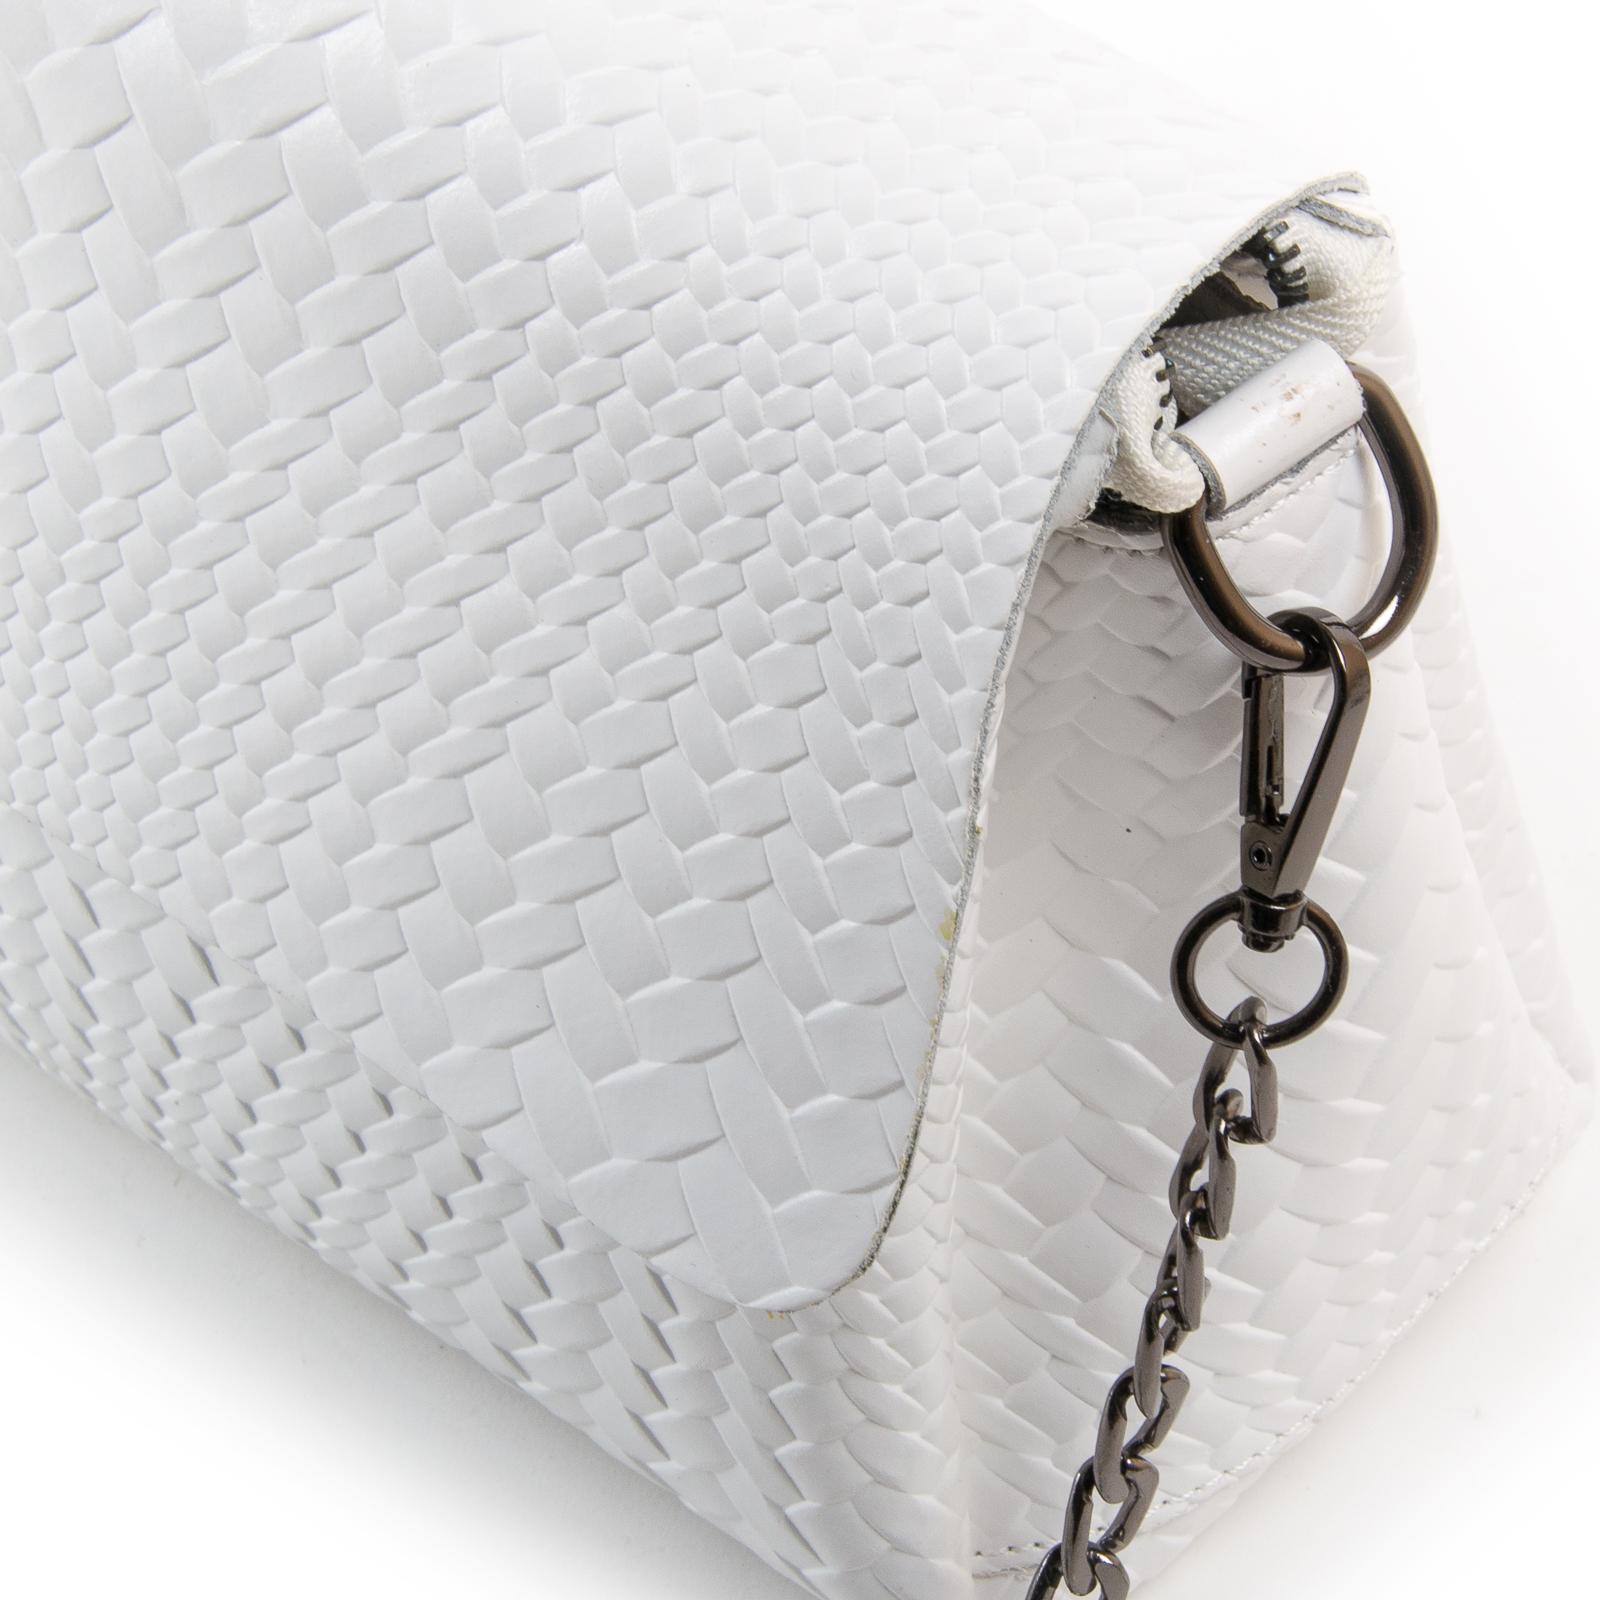 Сумка Женская Классическая кожа ALEX RAI 03-01 J009-1 white - фото 3